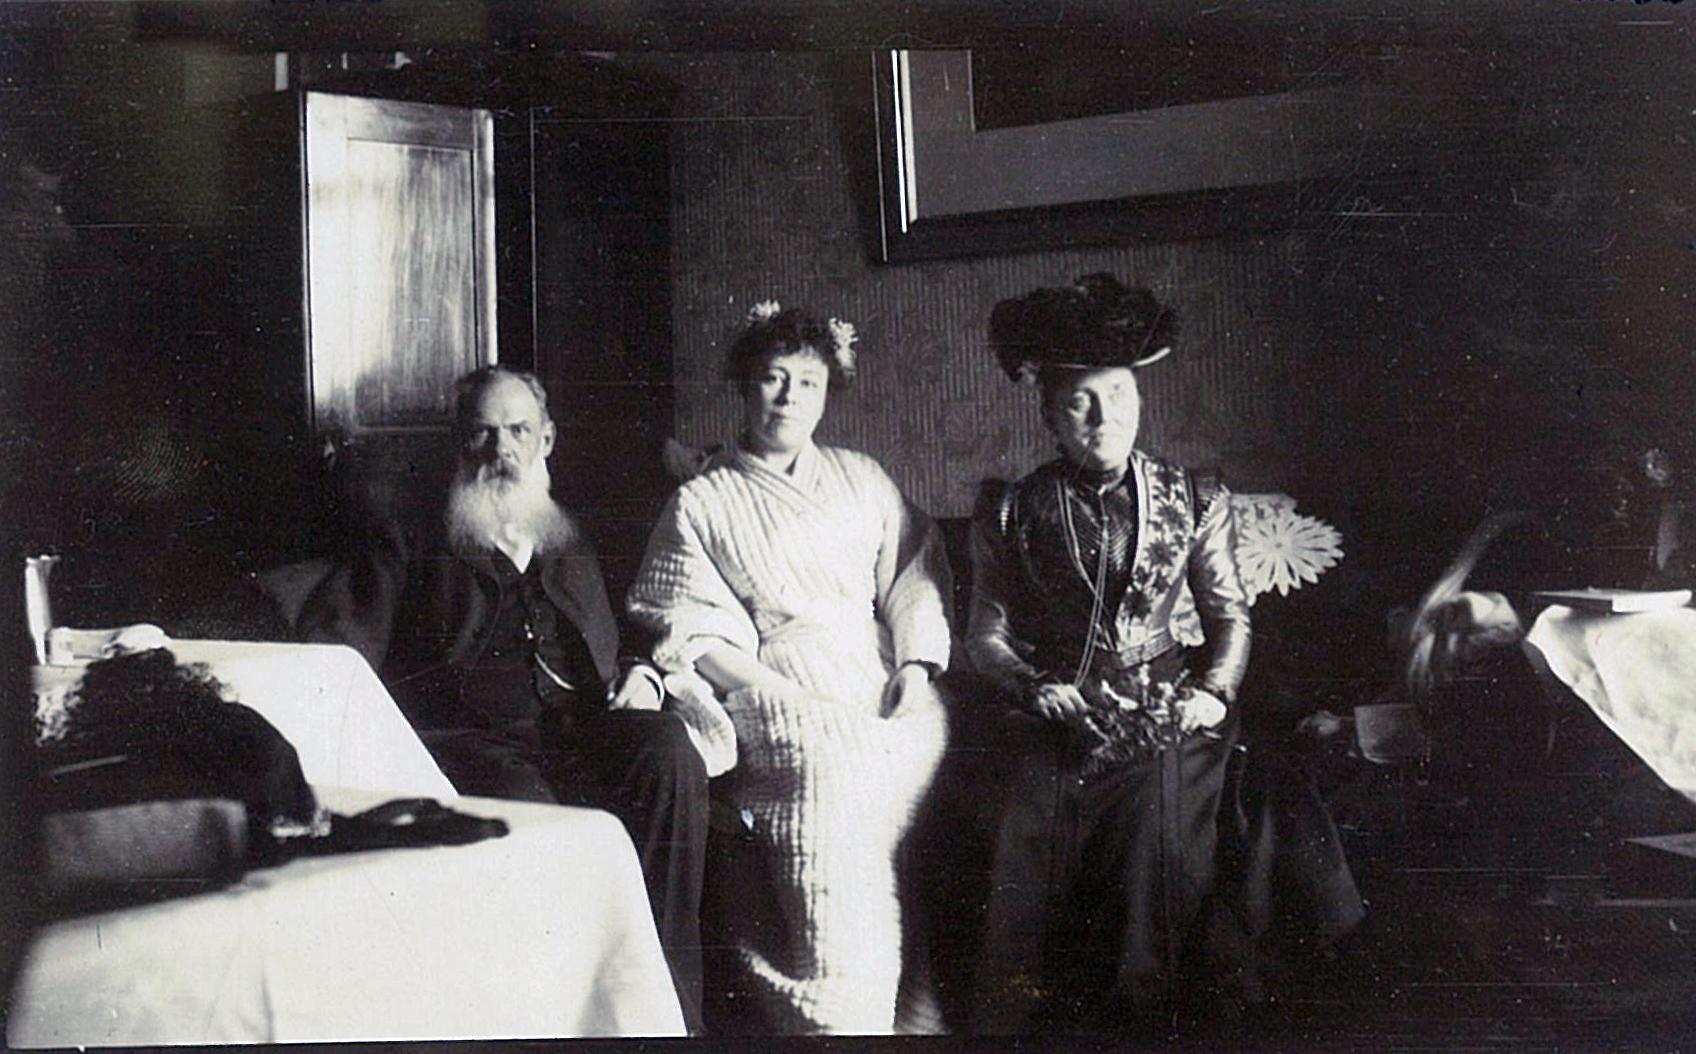 Лидия Маркс (в будущем Всеволожская, сидит в центре) со своим первым мужем Адольфом Фёдоровичем Марксом